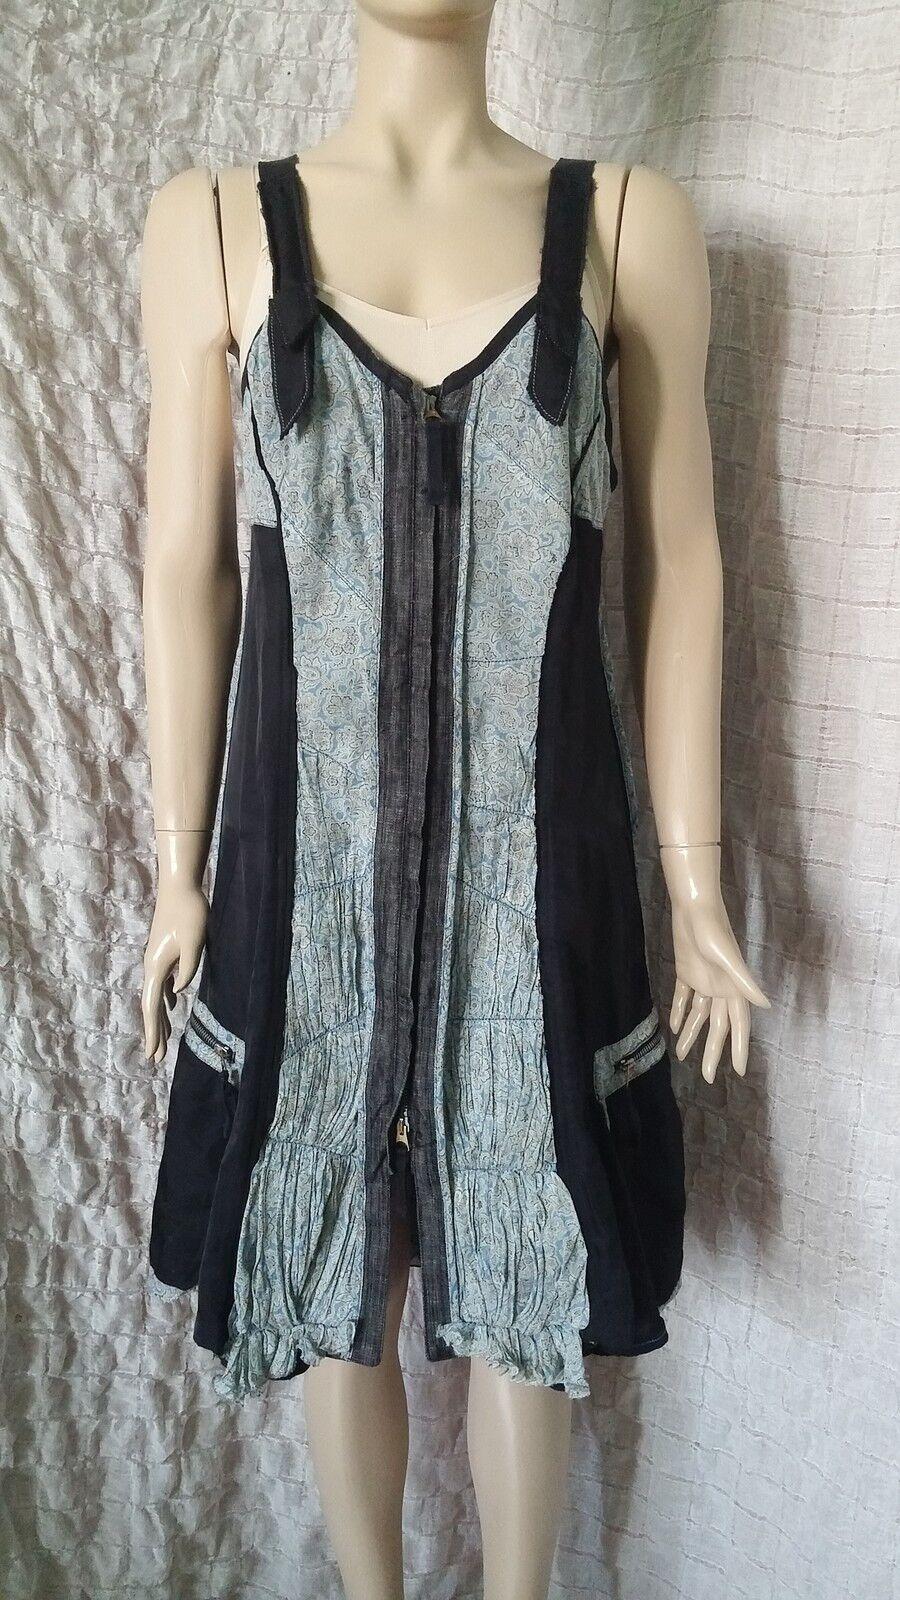 Marithe Francois Girbaud Le Jean denim mix asymmetrical dress Größe 42